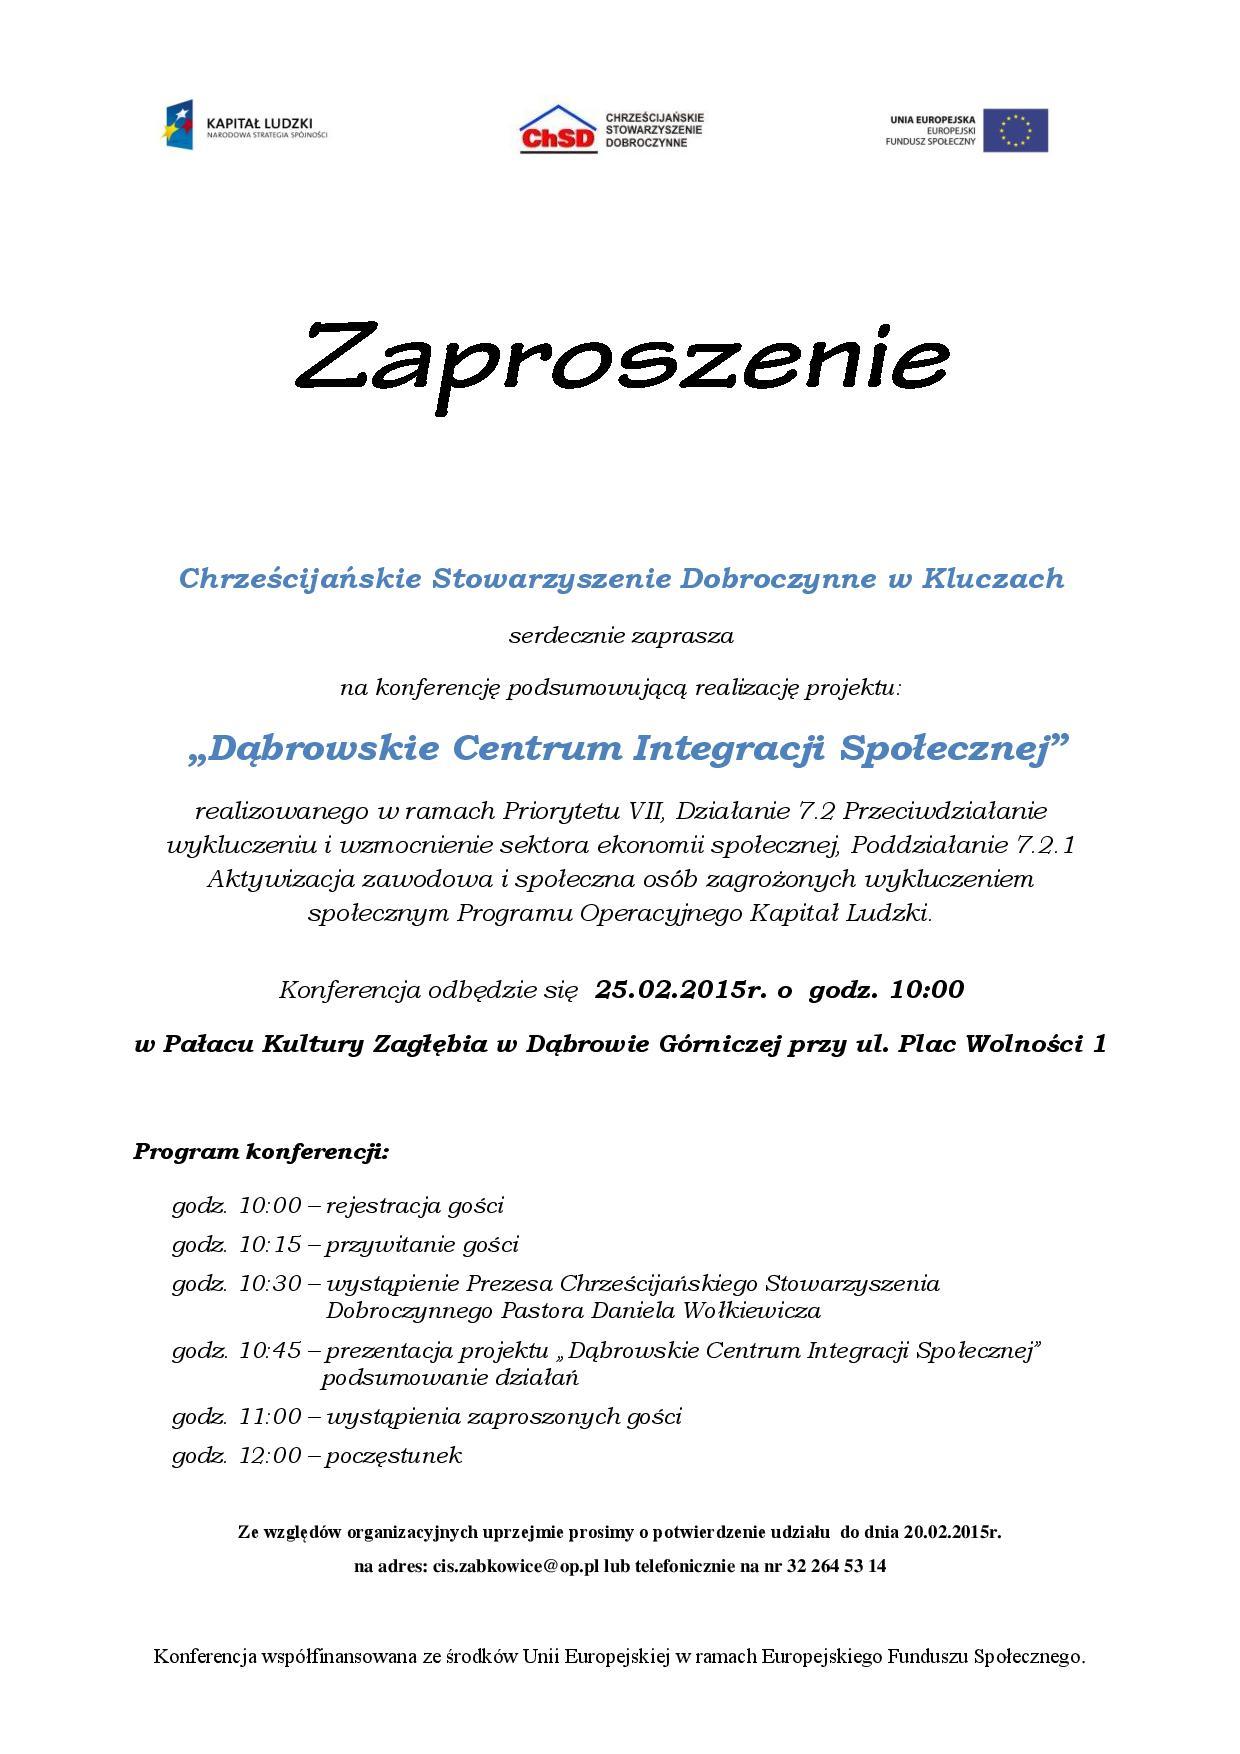 Zaproszenie Na Konferencję Podsumowującą Realizację Projektu